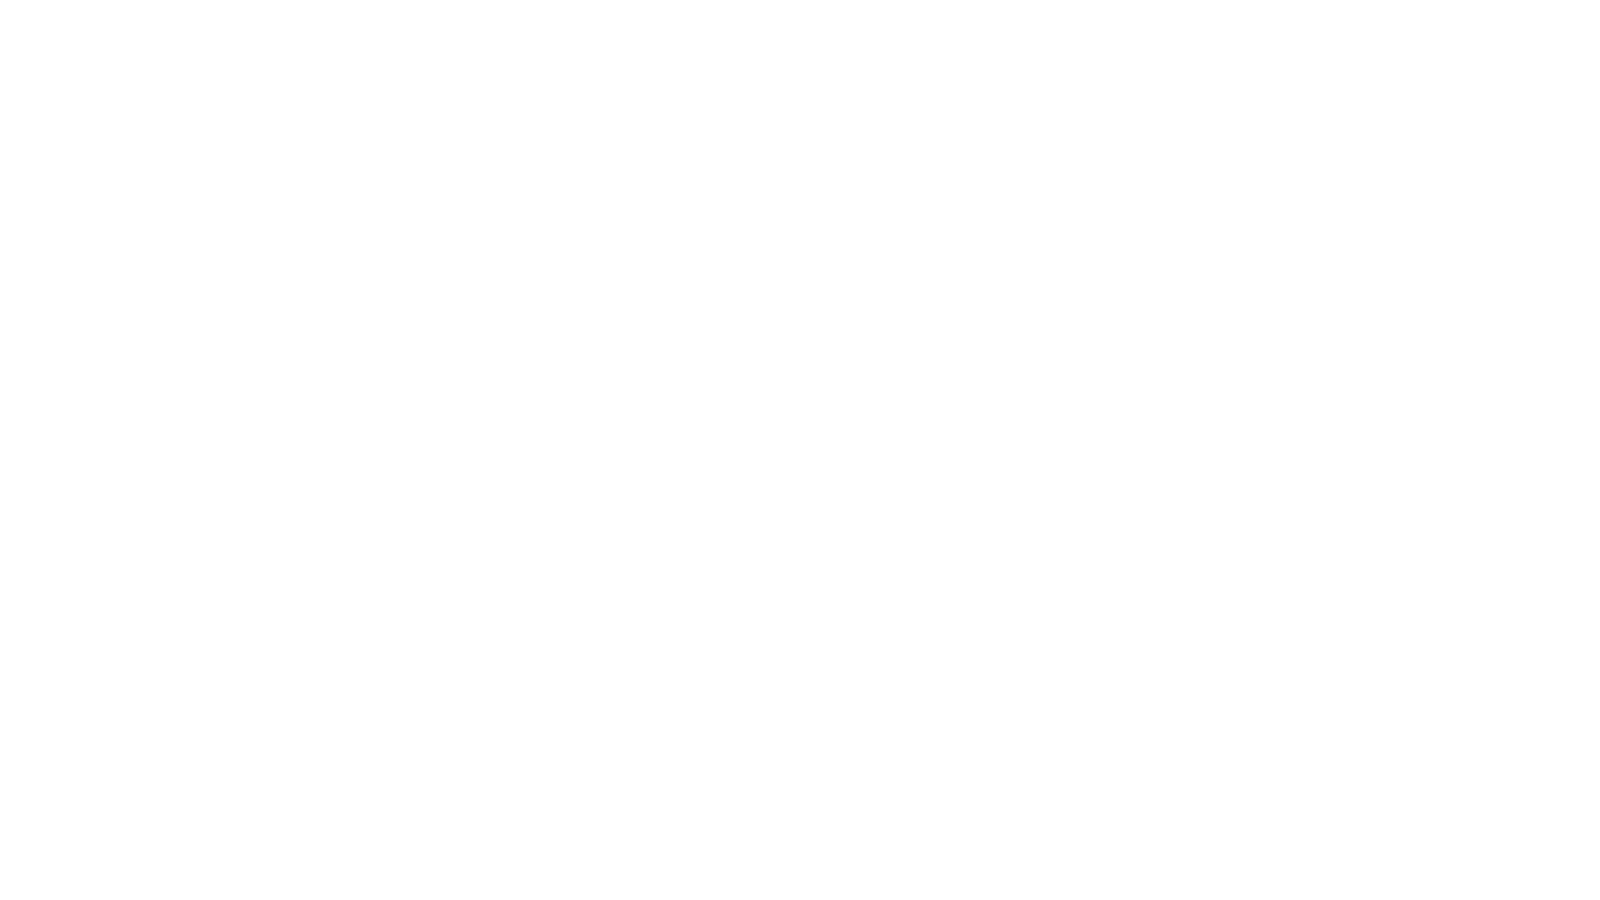 Roald Ribe som er politisk nestleder i Liberalistene er invitert for å prate om det nye stortingsprogrammet som partiet har vedtatt. Samtalen kommer blant  innom syn på skatt og kutt i offentlige utgifter og hvordan det er å gjøre prinsipper om til praktisk politikk. Programmet har også en rekke verdiliberale saker.  Bent Johans hjørne spilles inn i biblioteket til Liberalerens redaktør, Bent Johan Mosfjell. Ulike gjester samtaler om emner som forhåpentligvis er av interesse for liberale mennesker. Husk å abonnere!